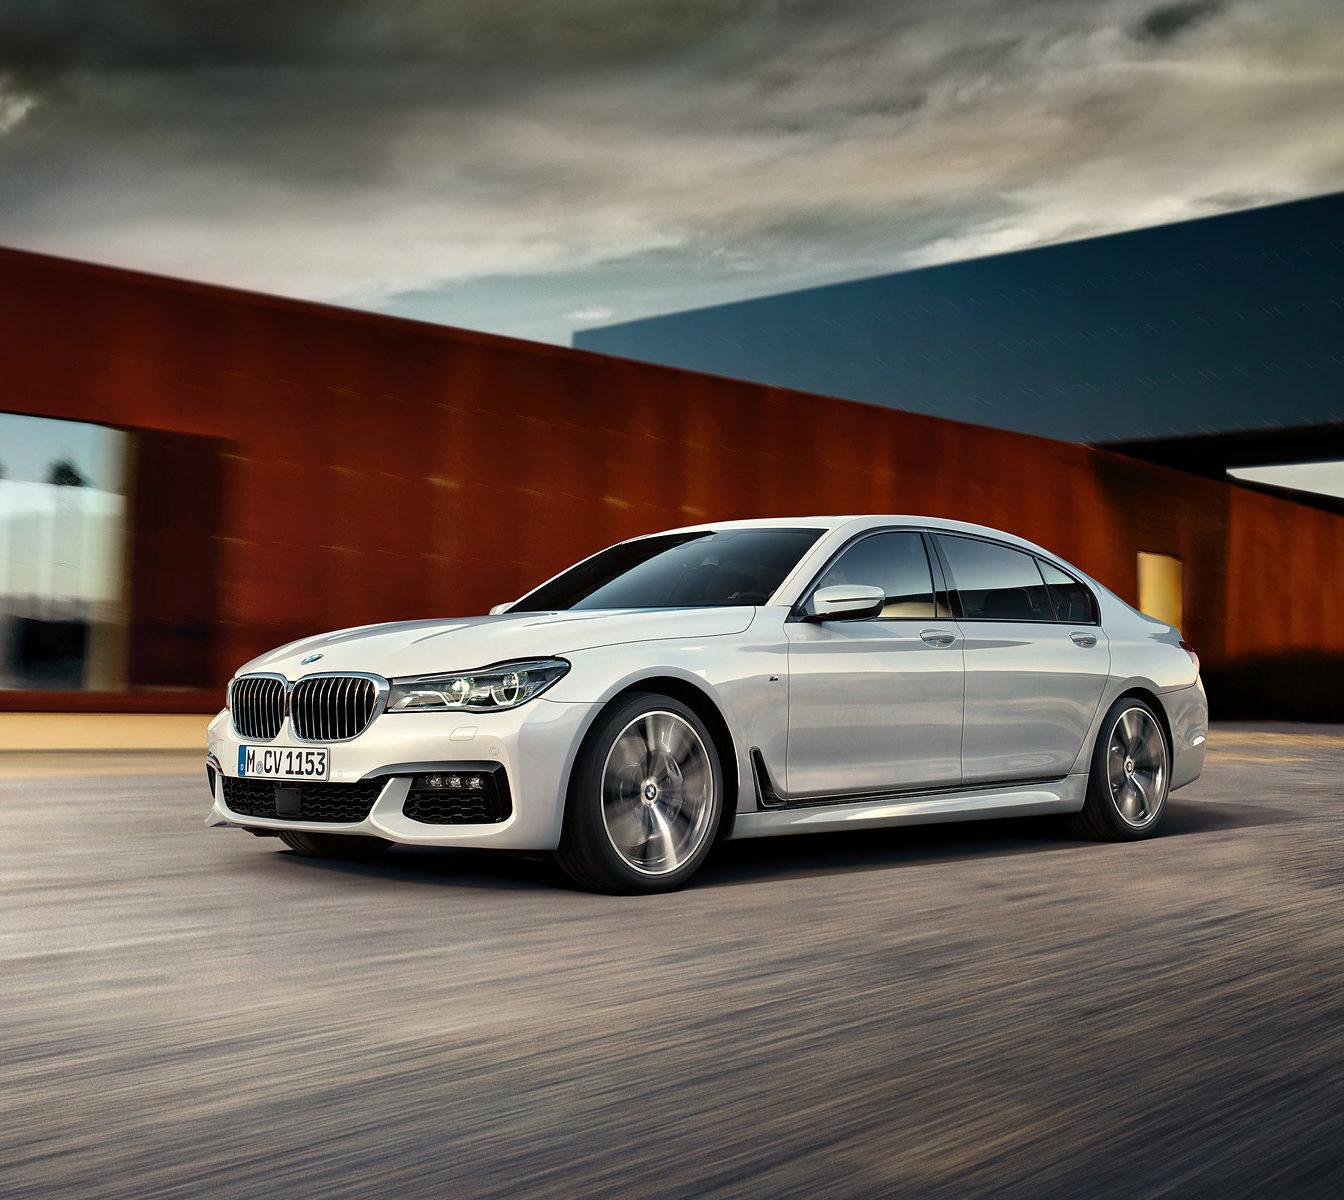 Découvrez la nouvelle BMW série 7 : « Une poésie technologique »